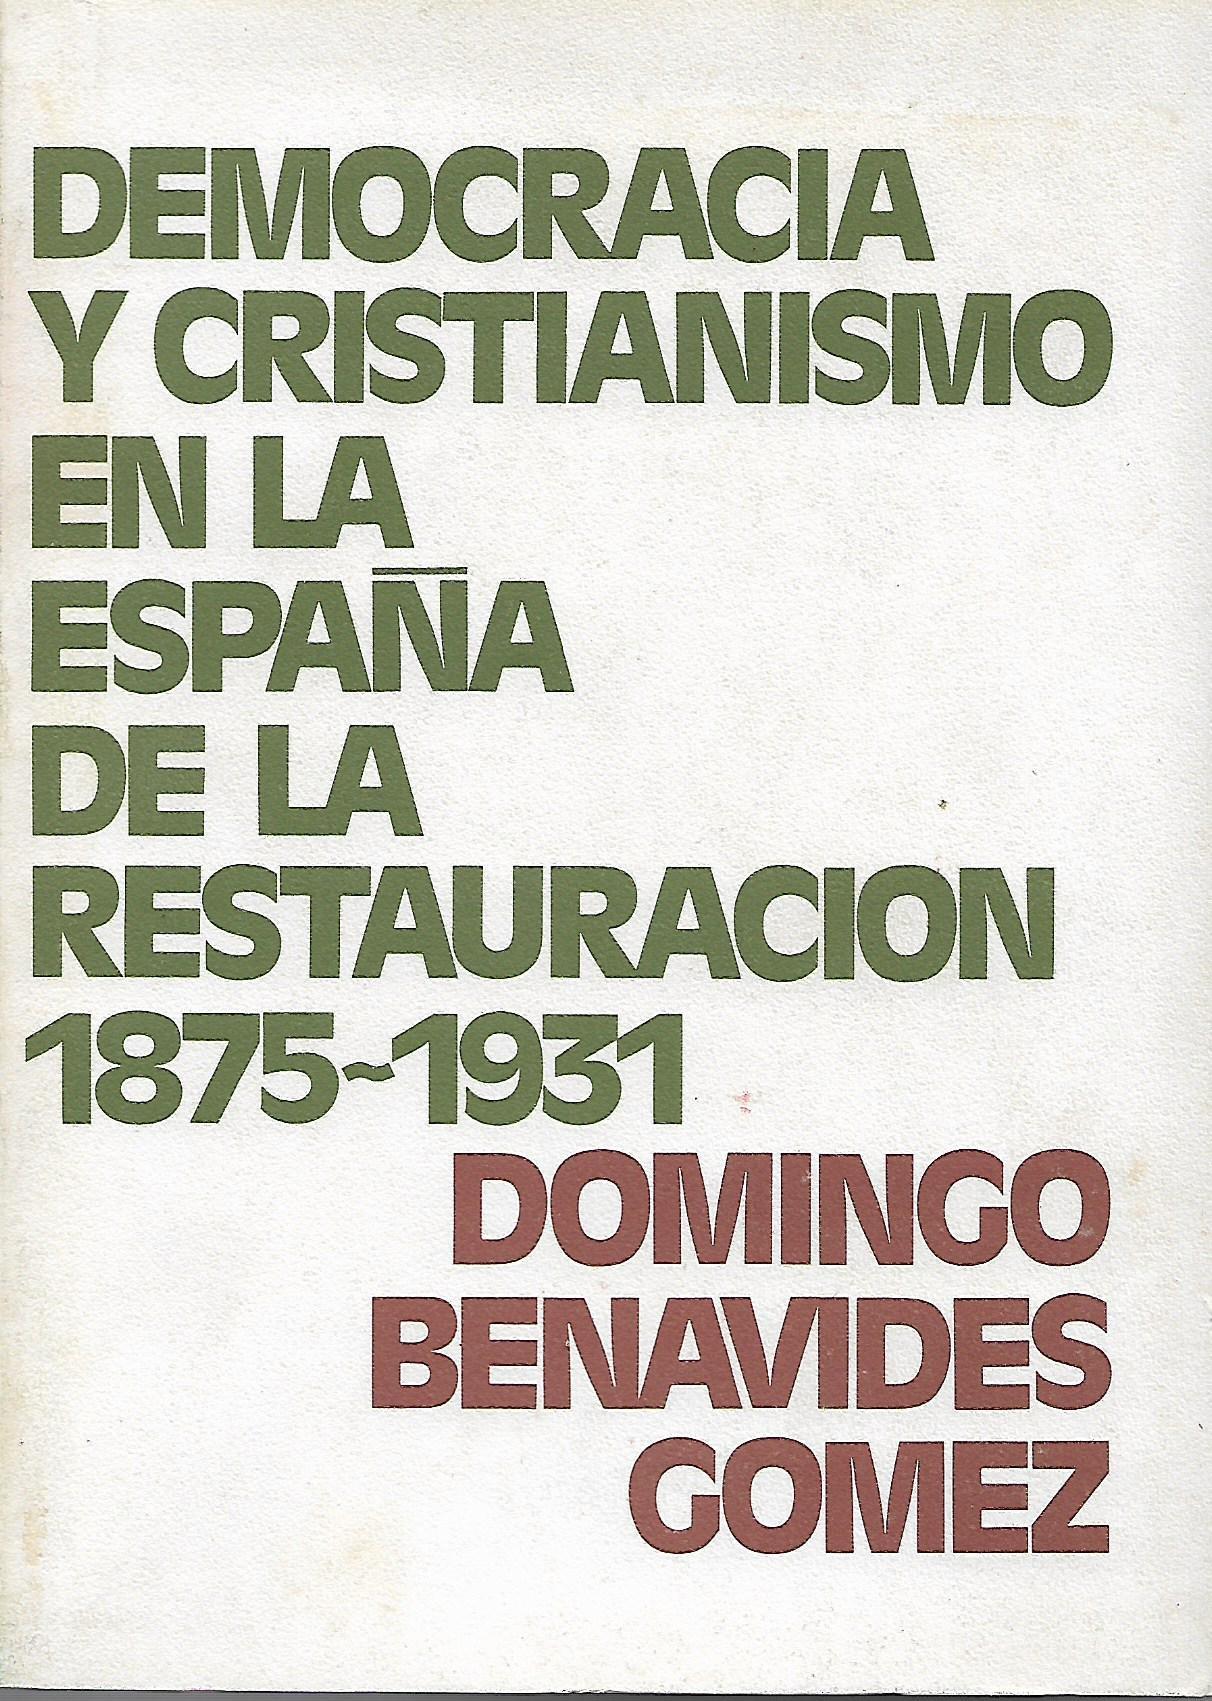 Democracia y cristianismo en la España de la Restauración, 18751931 España en 3 tiempos: Amazon.es: Benavides Gómez, Domingo: Libros en idiomas extranjeros